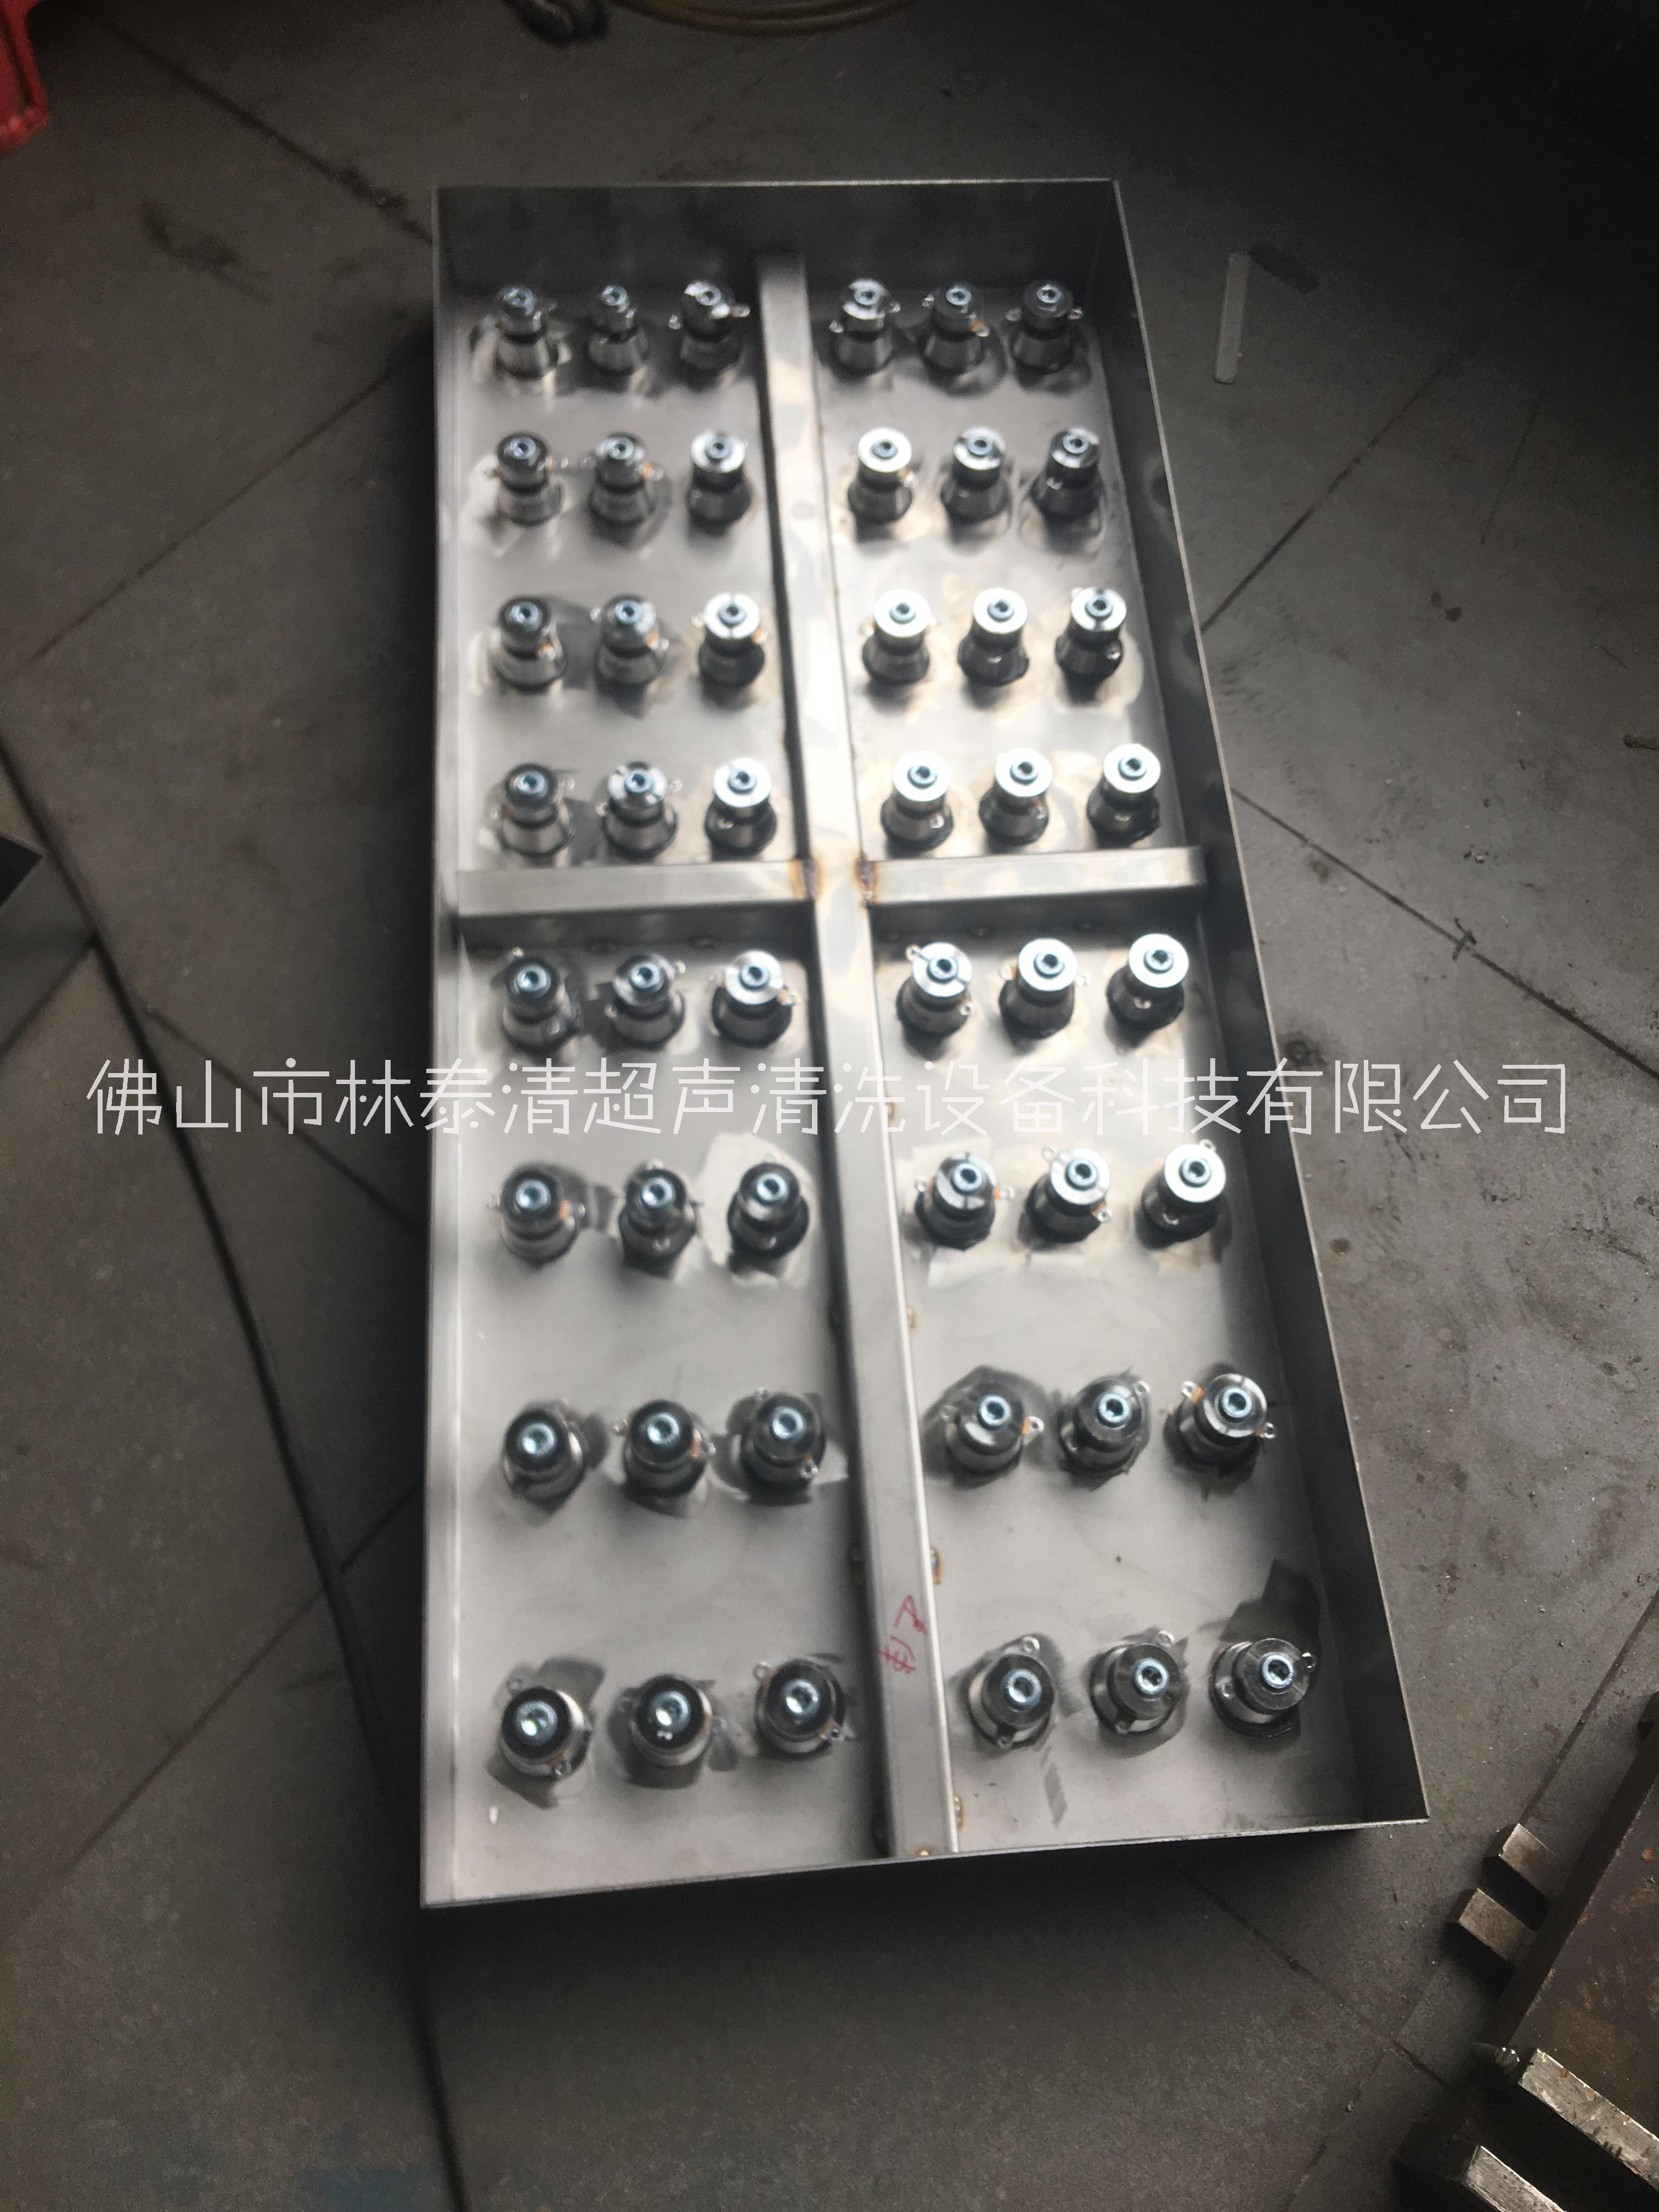 佛山悬挂式超声波震板厂家  投入式超声波震板